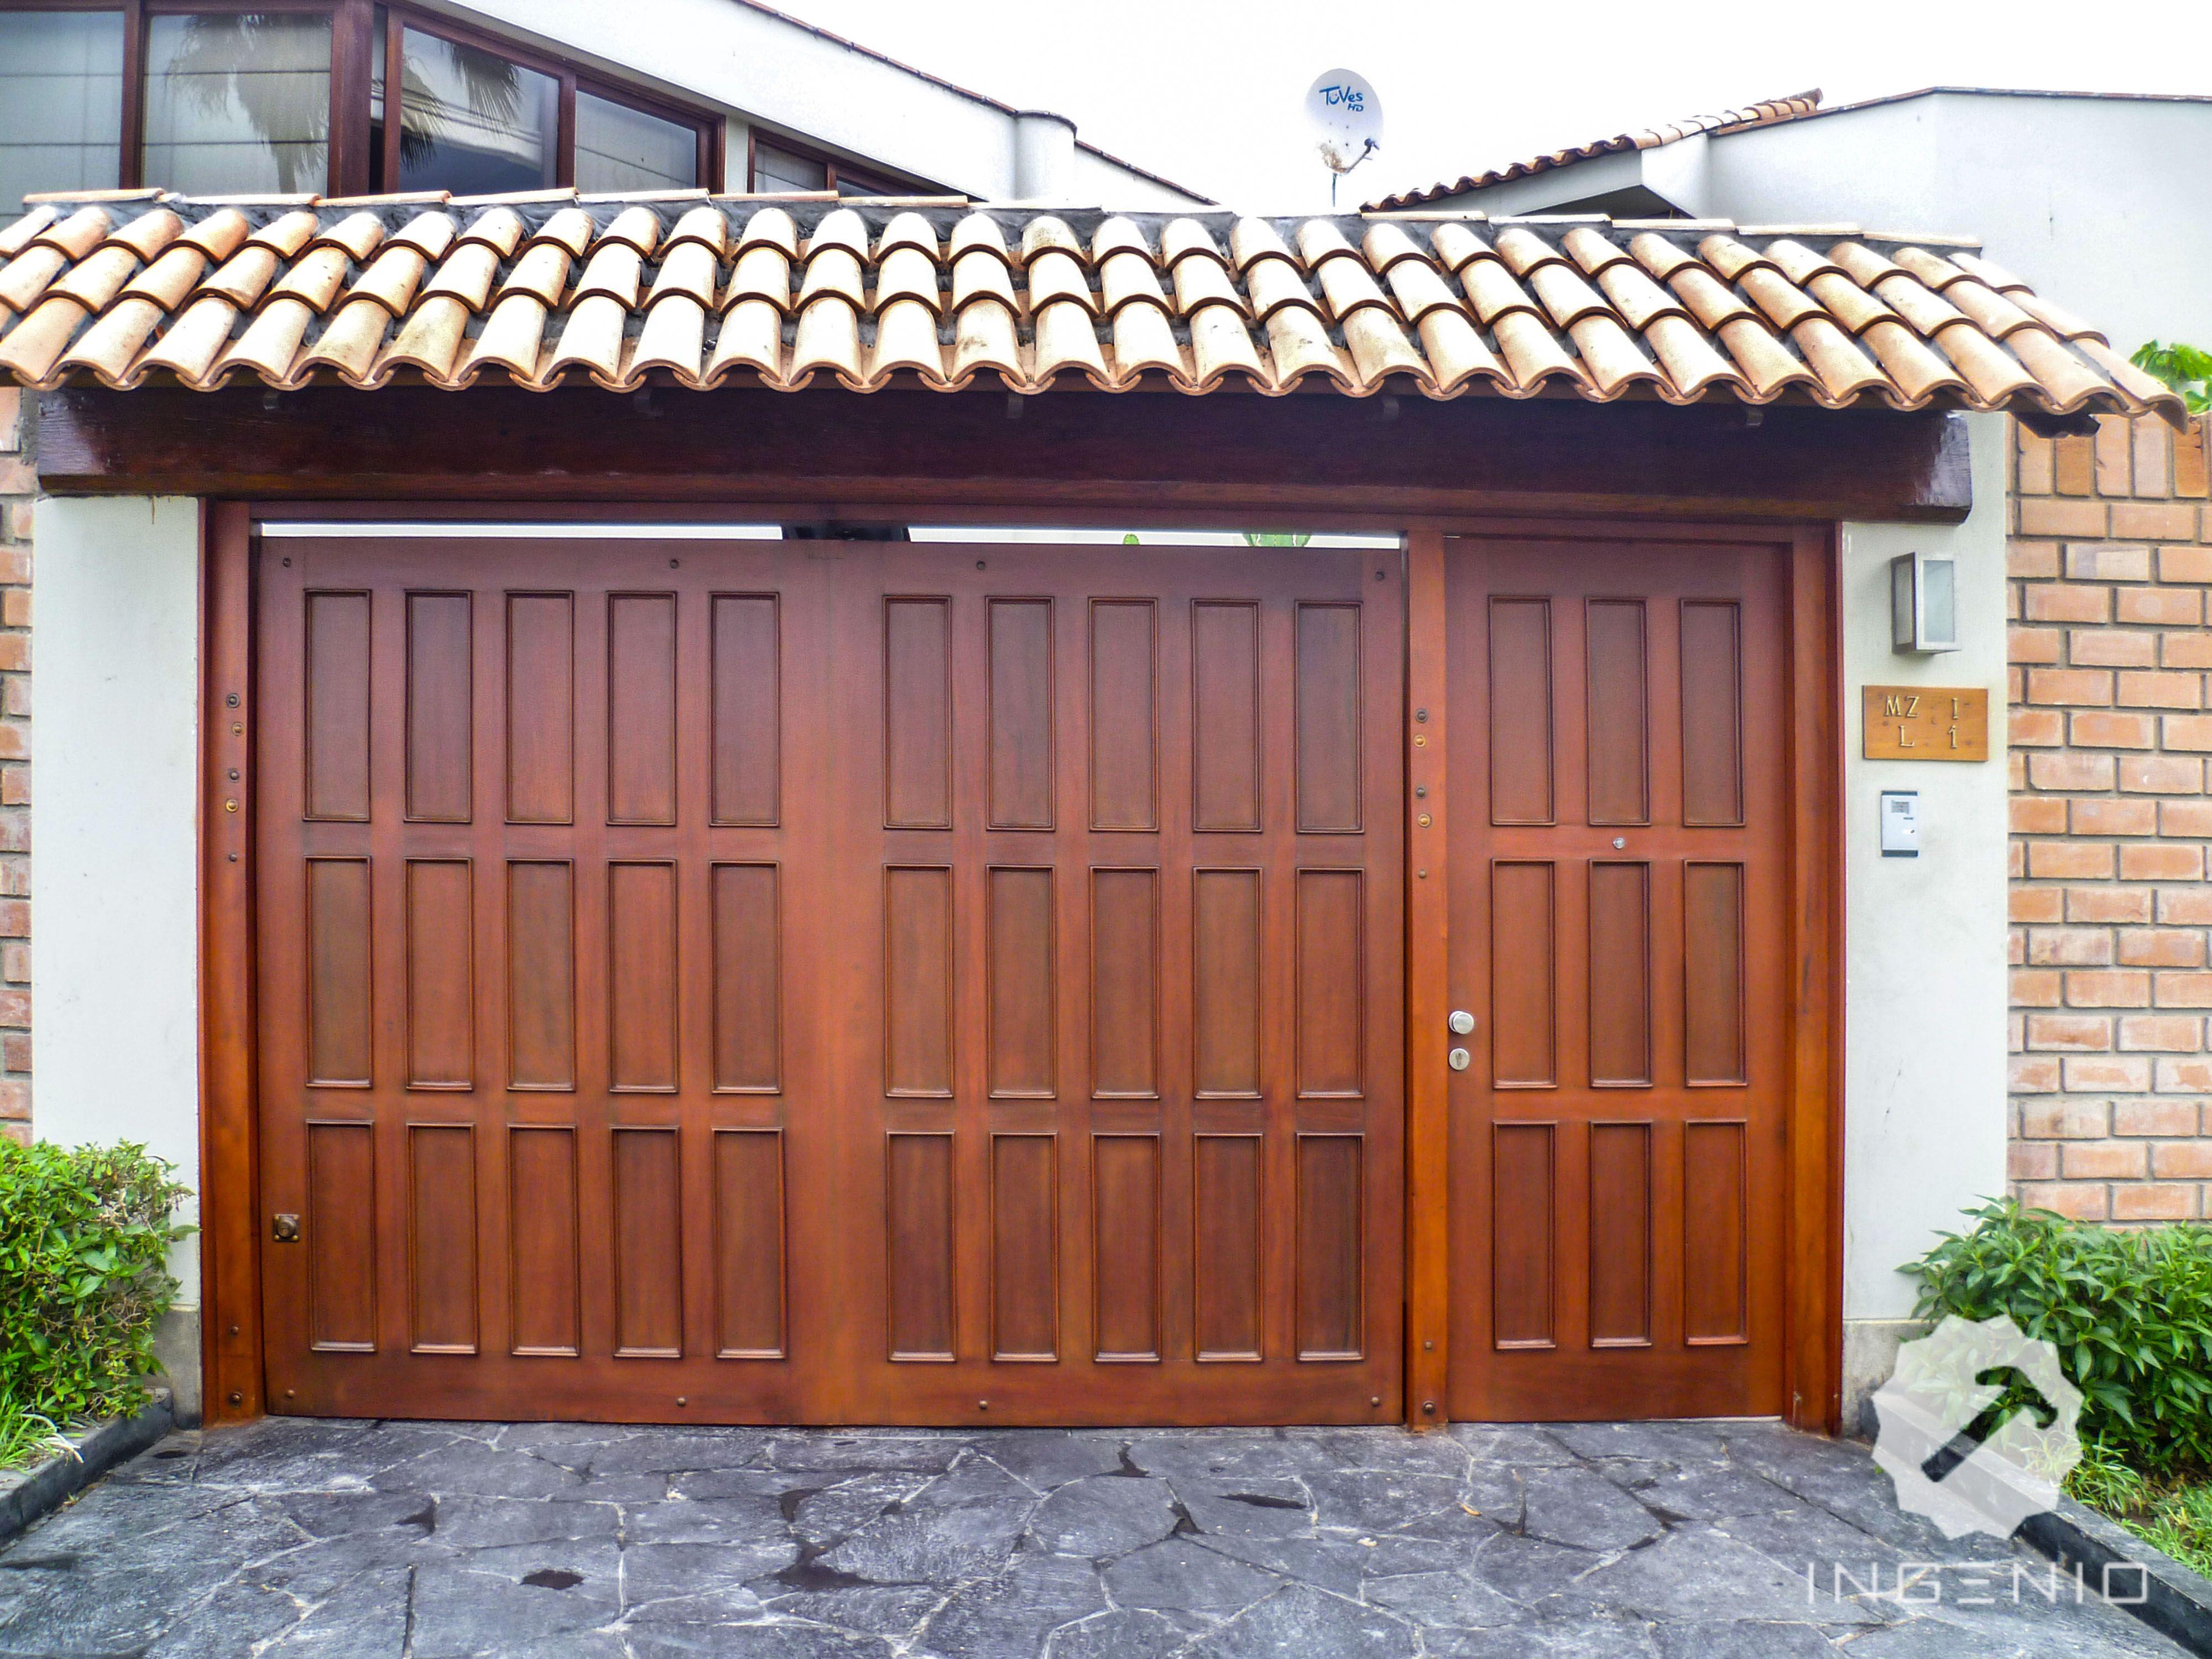 Porton detalles en madera cedro acabado dd mate for Puertas y portones de madera